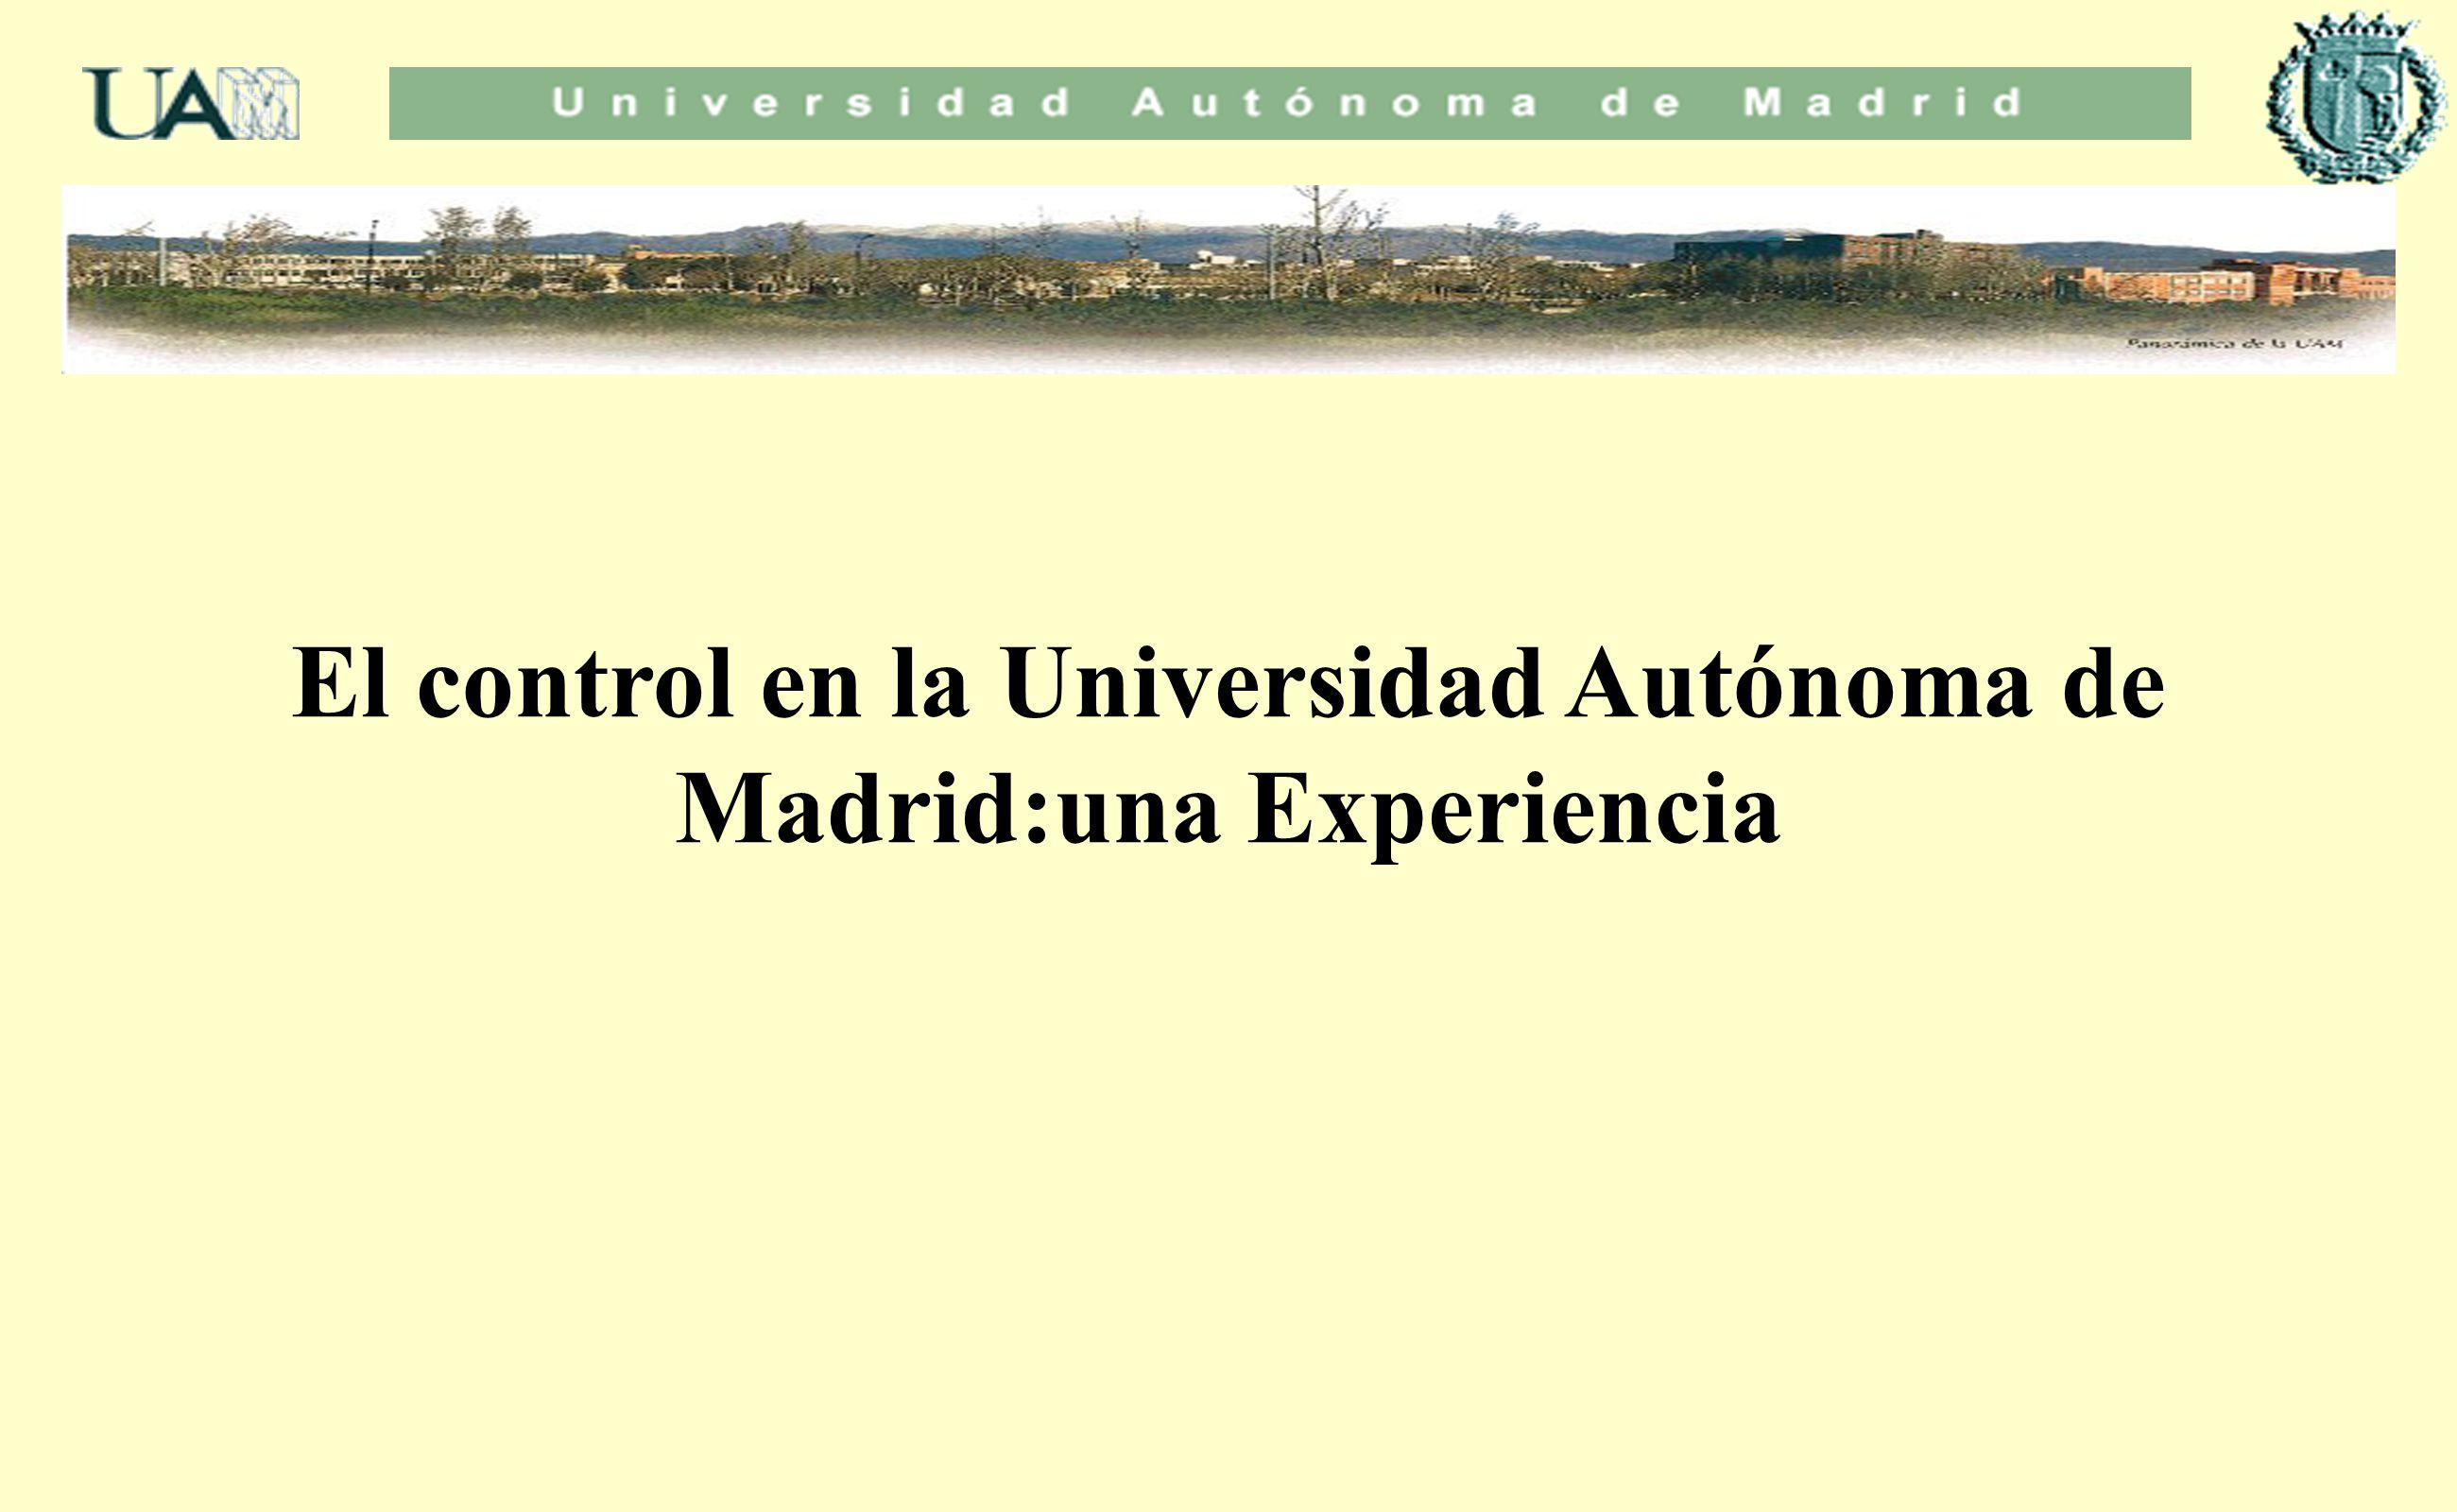 El control en la Universidad Autónoma de Madrid:una Experiencia